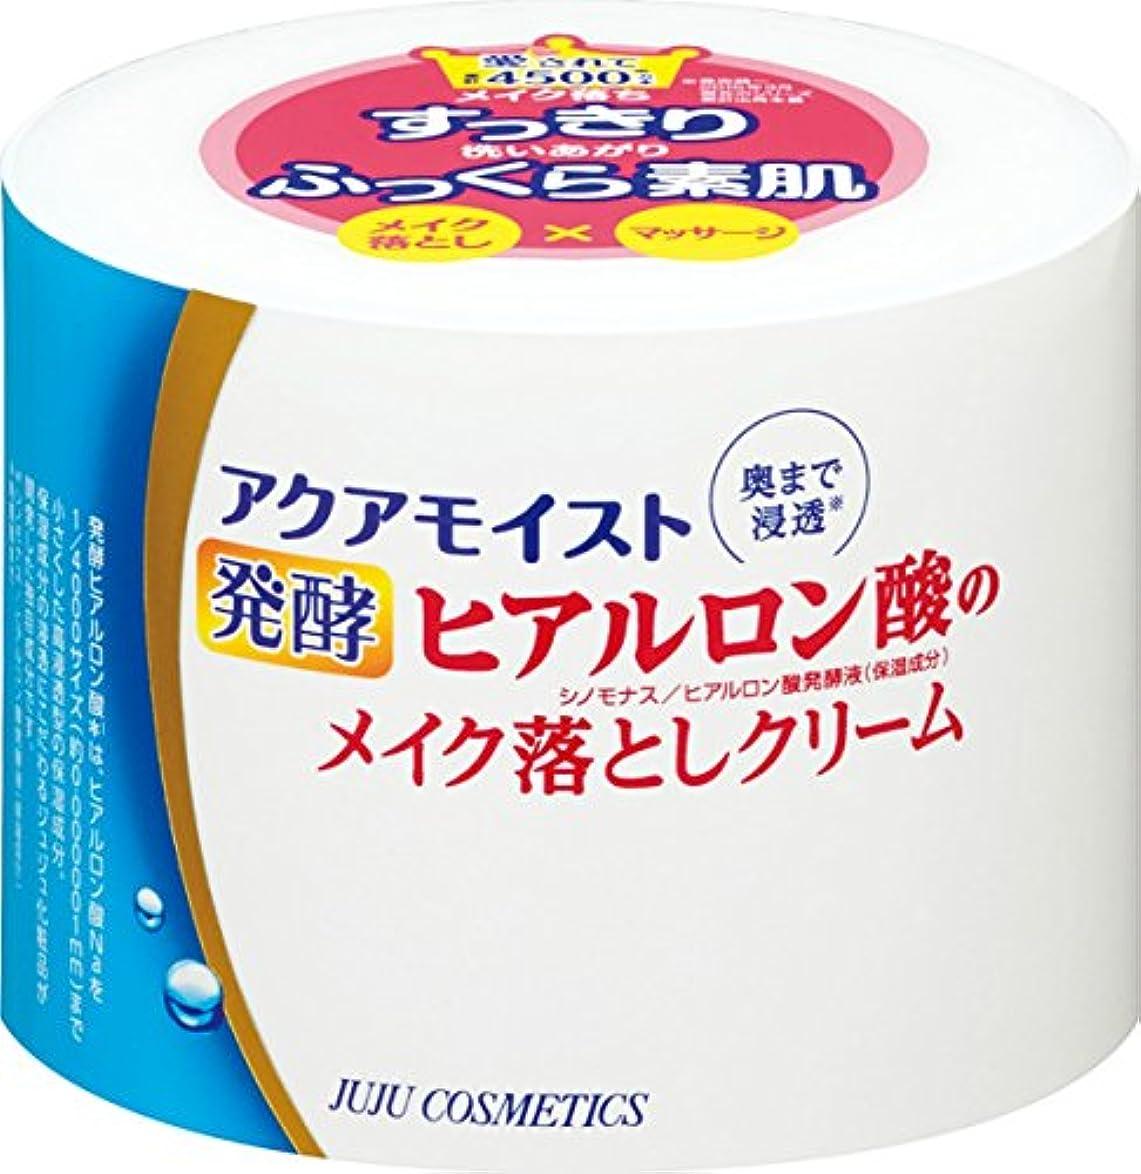 残酷な荒廃する絶滅アクアモイスト 発酵ヒアルロン酸のメイク落としクリーム 160g